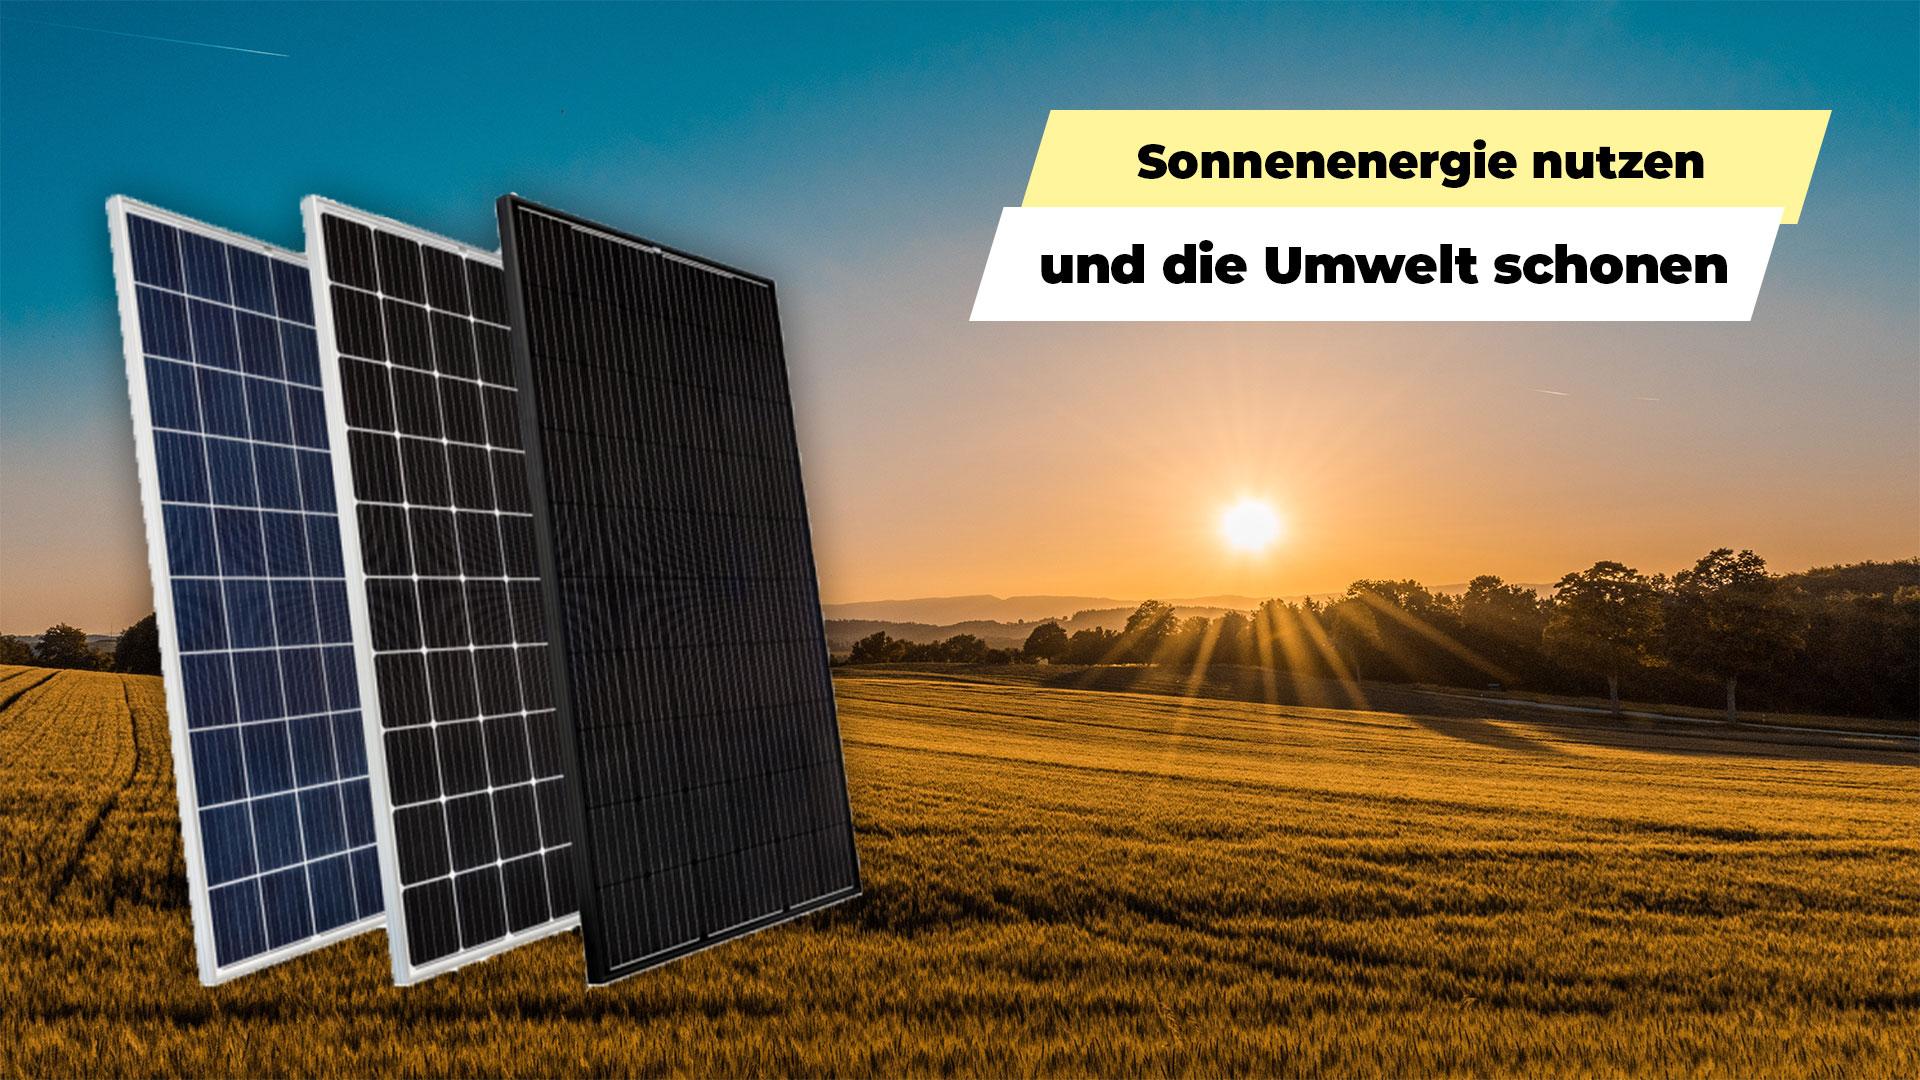 Sonnenenergie nutzen und die Umwelt schonen durch Solarpanele